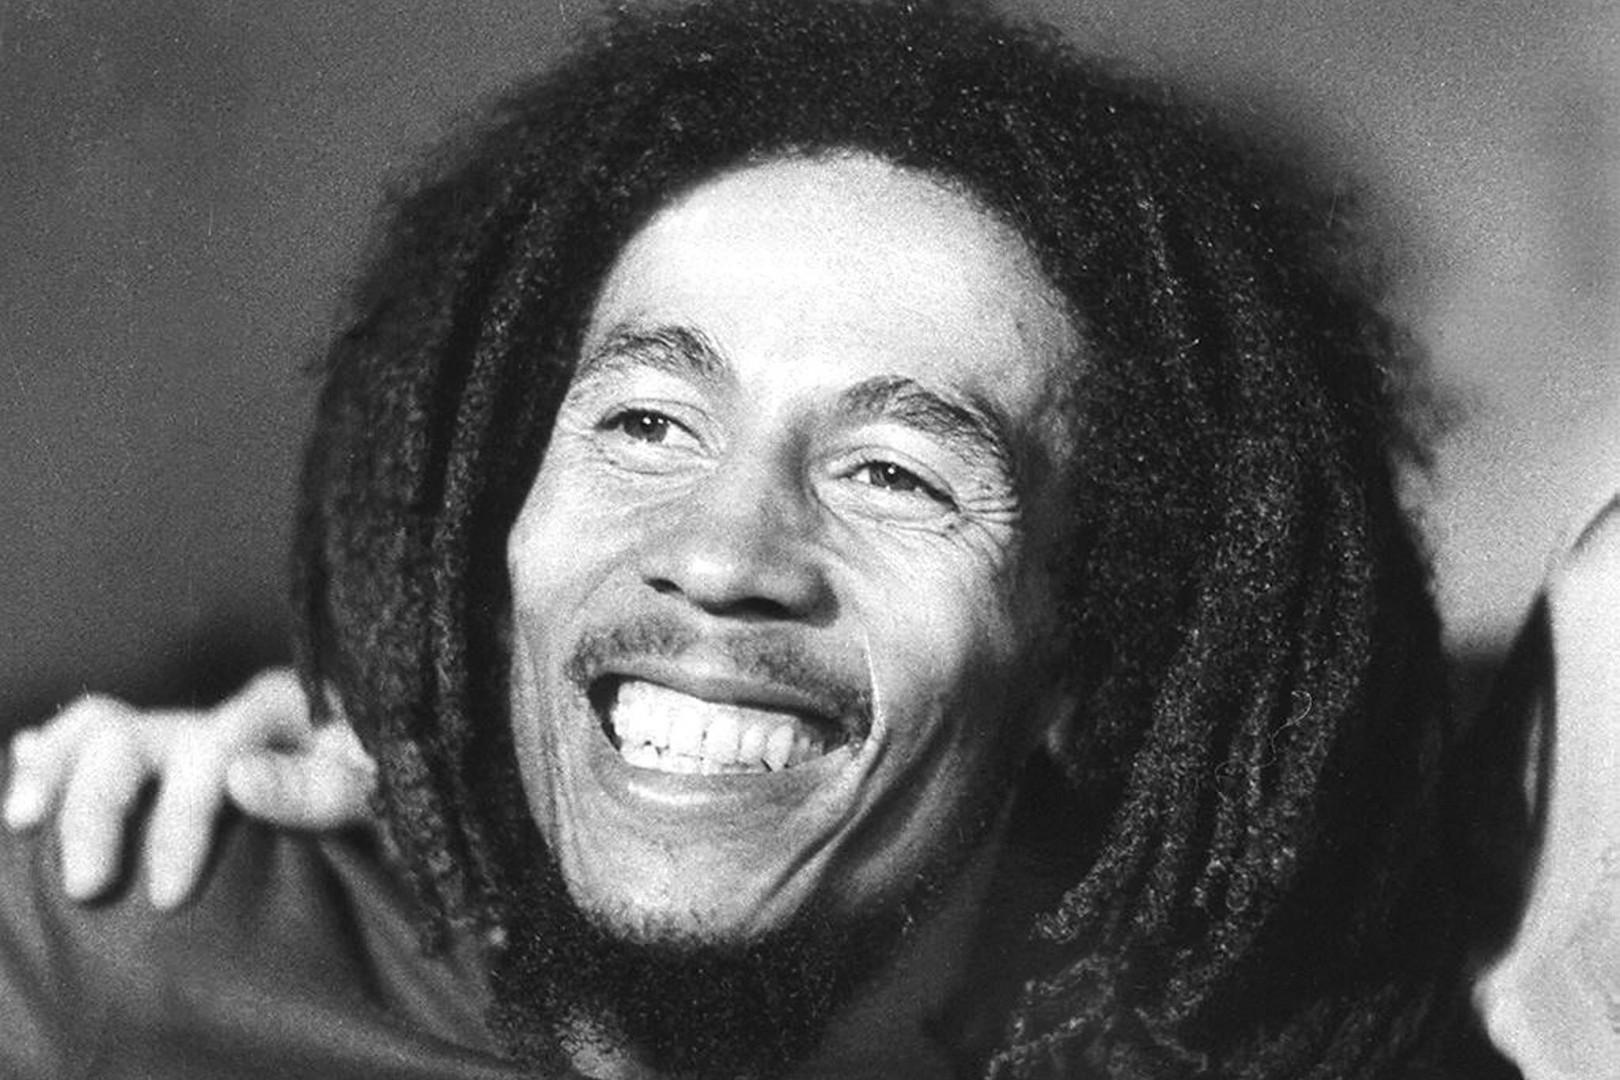 5. Bob Marley a rapporté 20 millions de dollars pour l'année 2014.